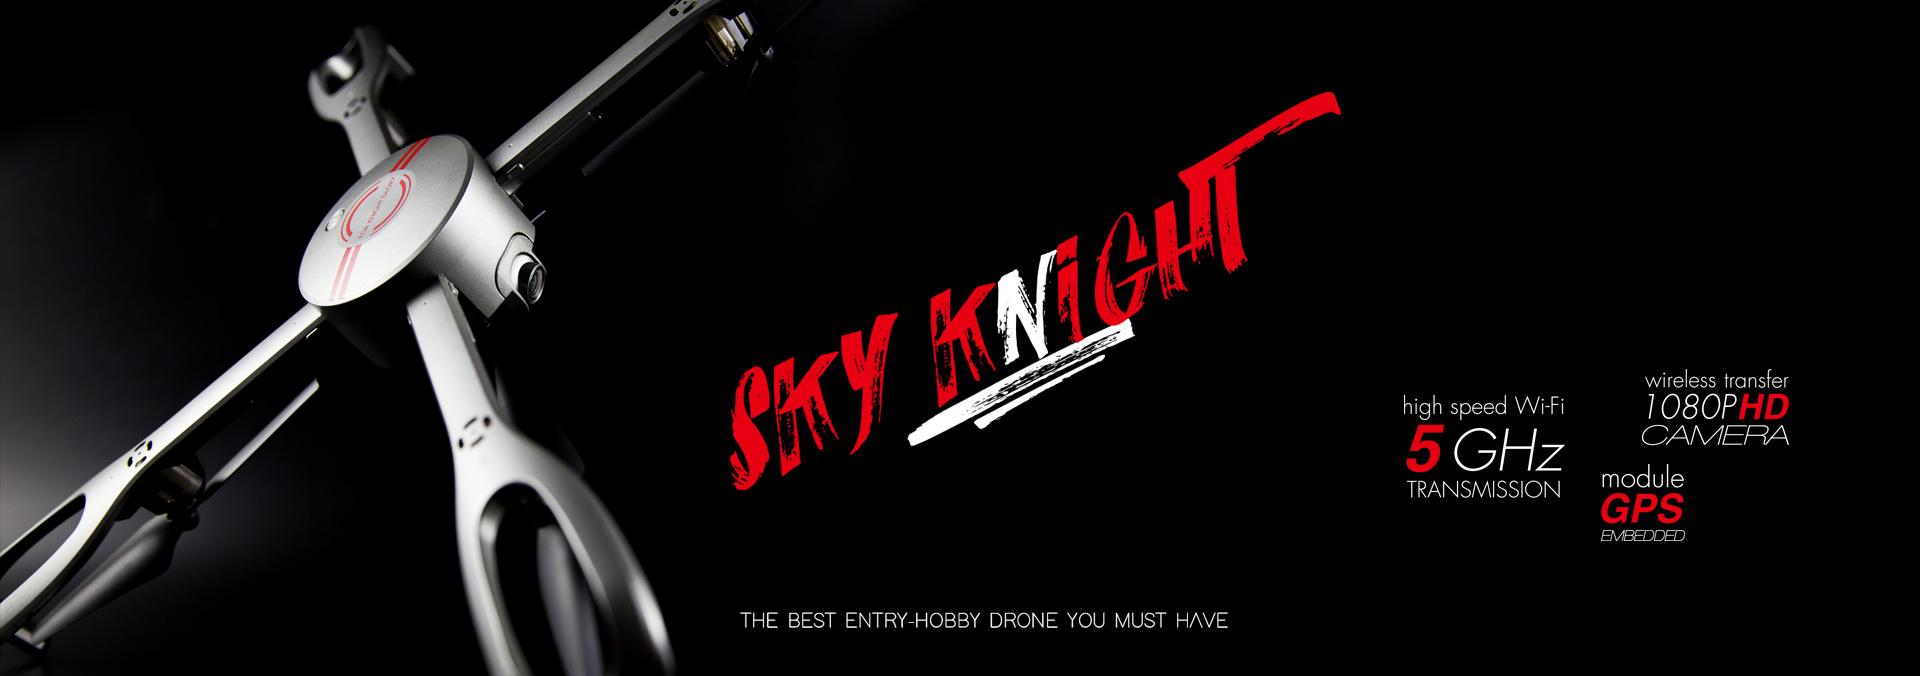 Sky knight main-1